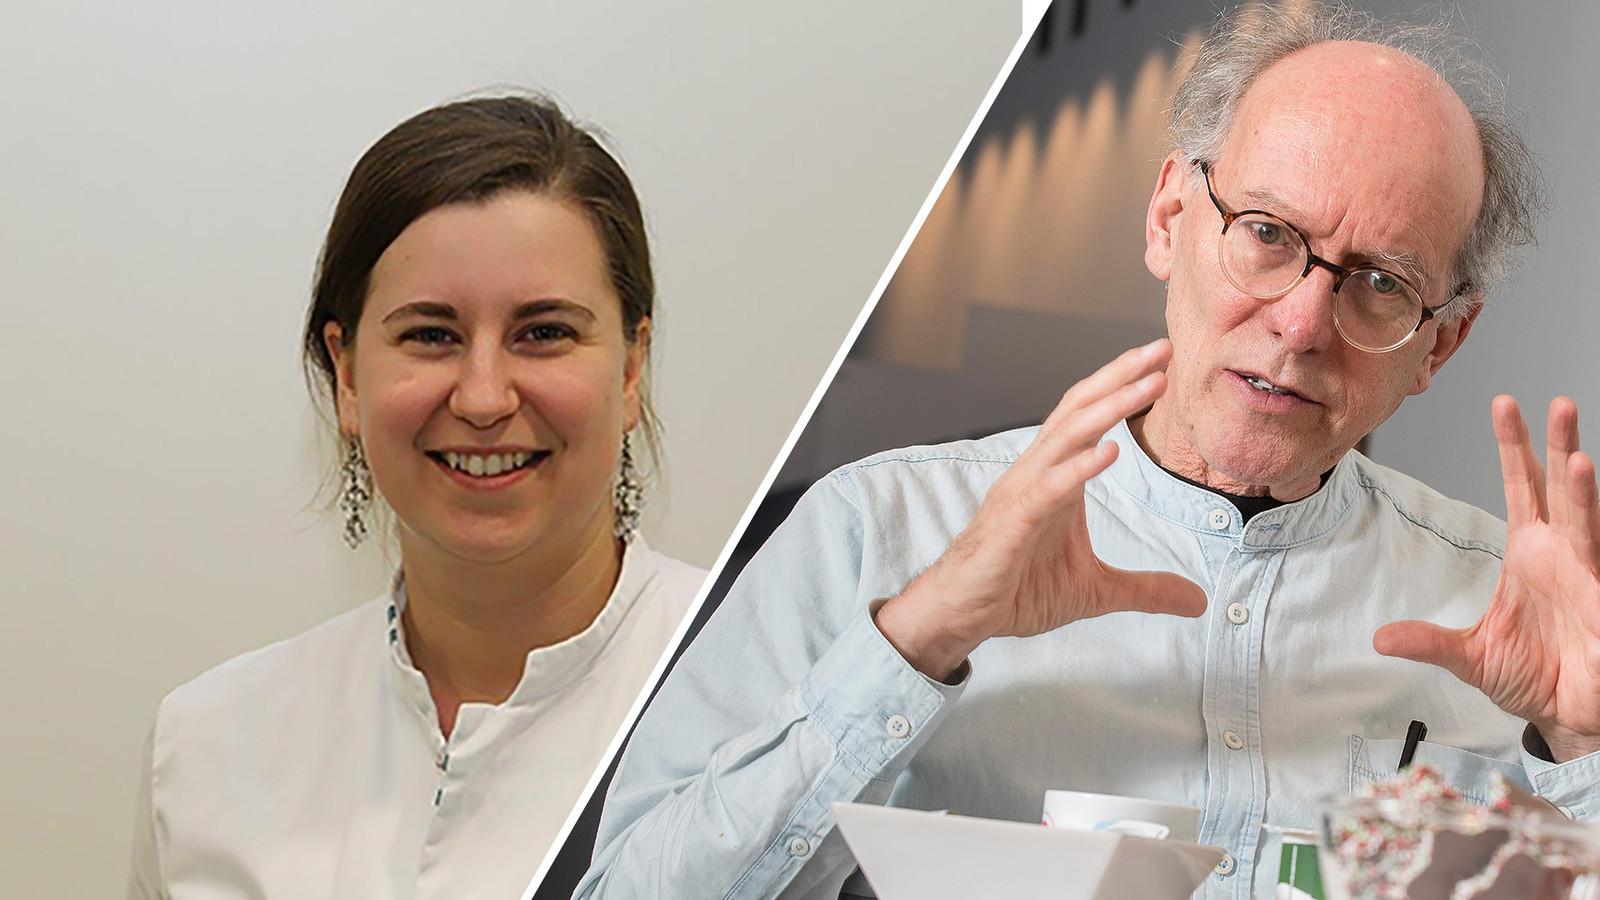 De CWZ-artsen Jona Walk (links) en Bert Mulder.